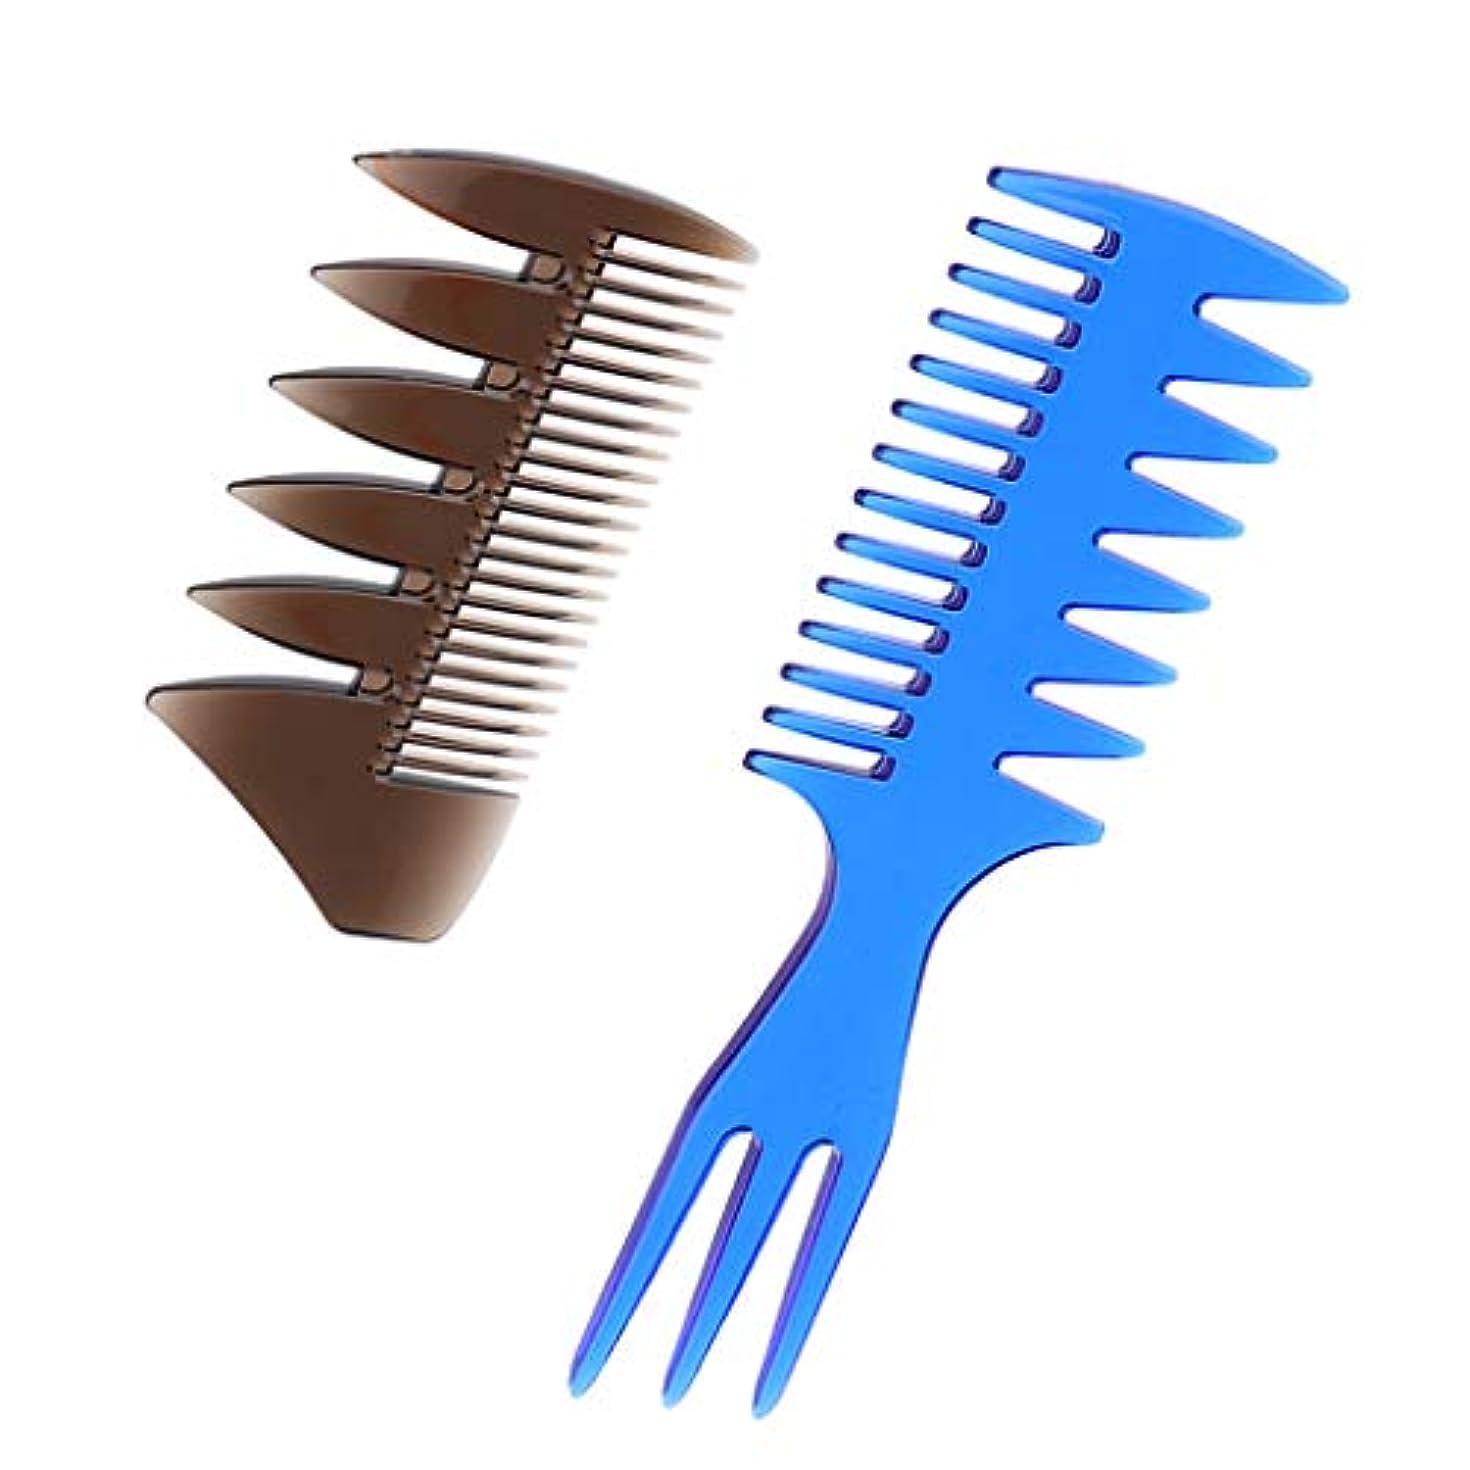 人物楽しむ民間人Toygogo 2ピースデュアルサイドおよび3ウェイメンズオイルヘアピックコームサロンダイサロン理髪スタイリング